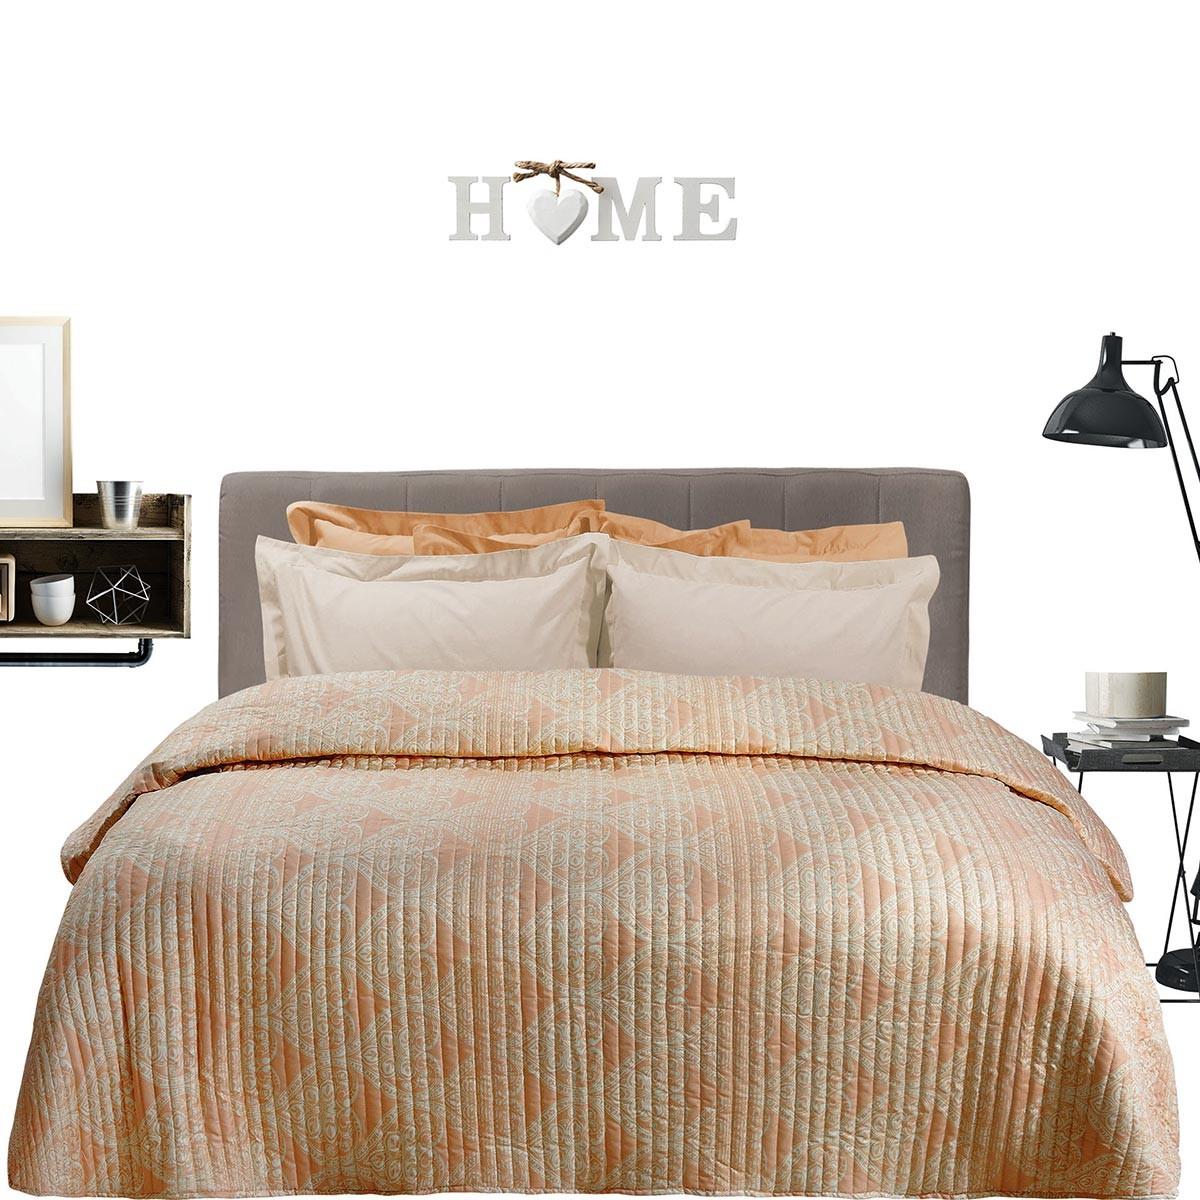 Κουβερλί Υπέρδιπλο Das Home Happy Prints 9351 Iron Free